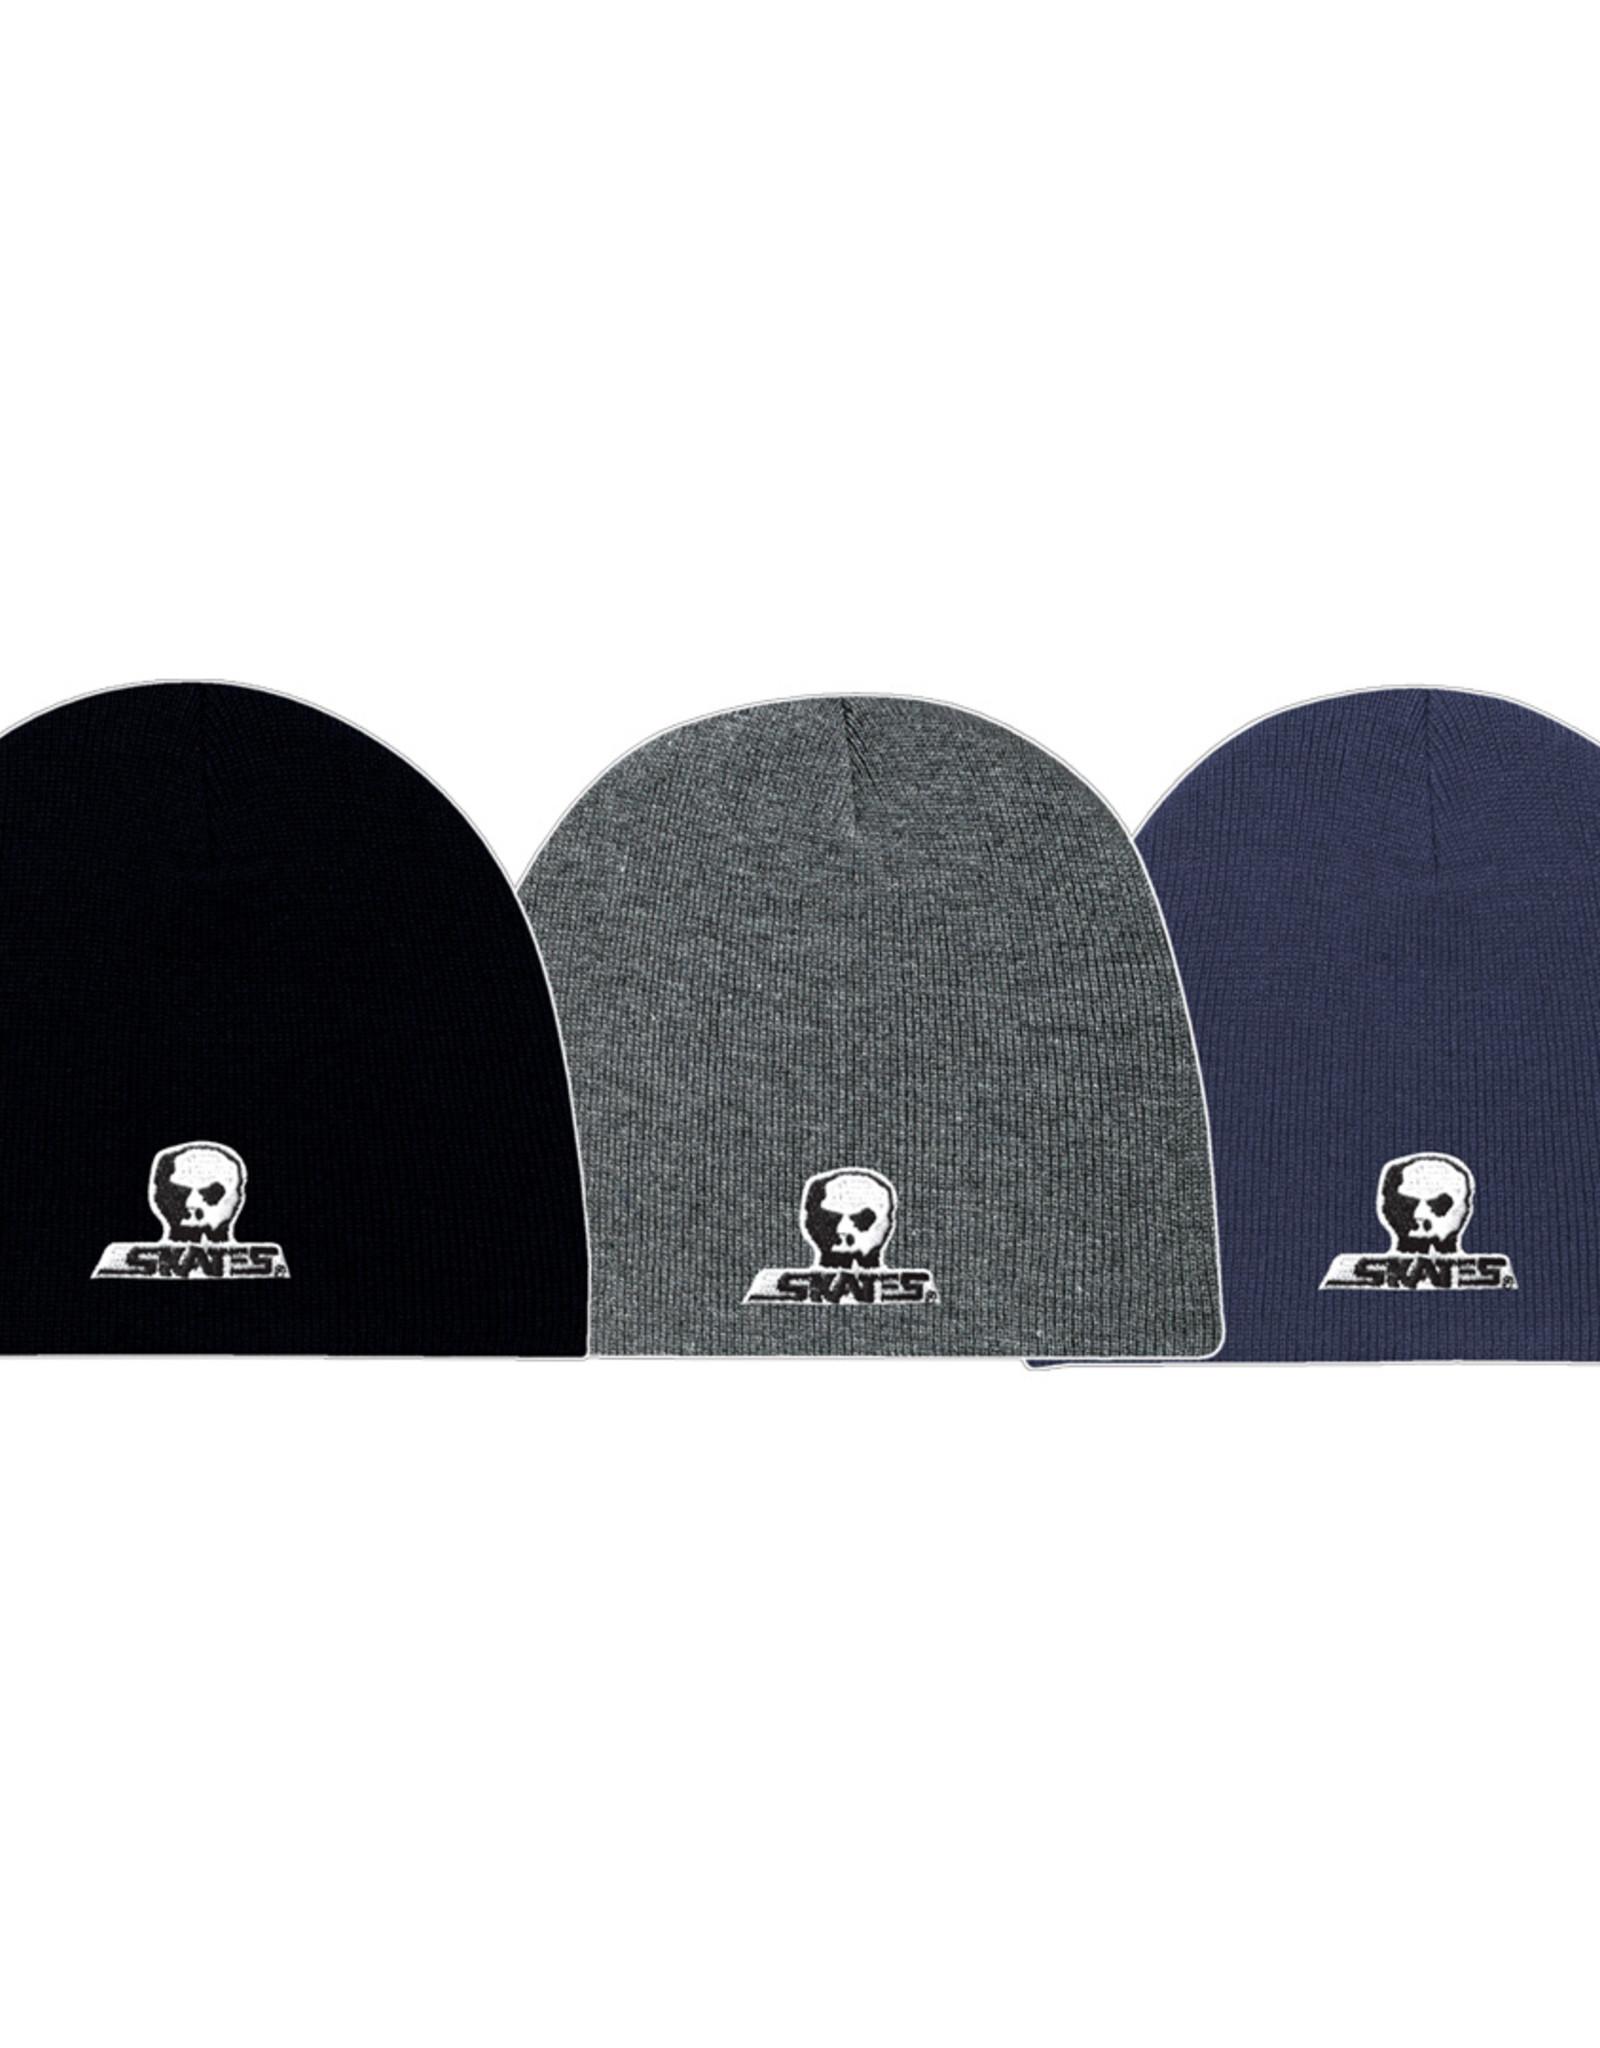 Skull Skates SKULL TOQUE SMALL LOGO NO CUFF NAVY